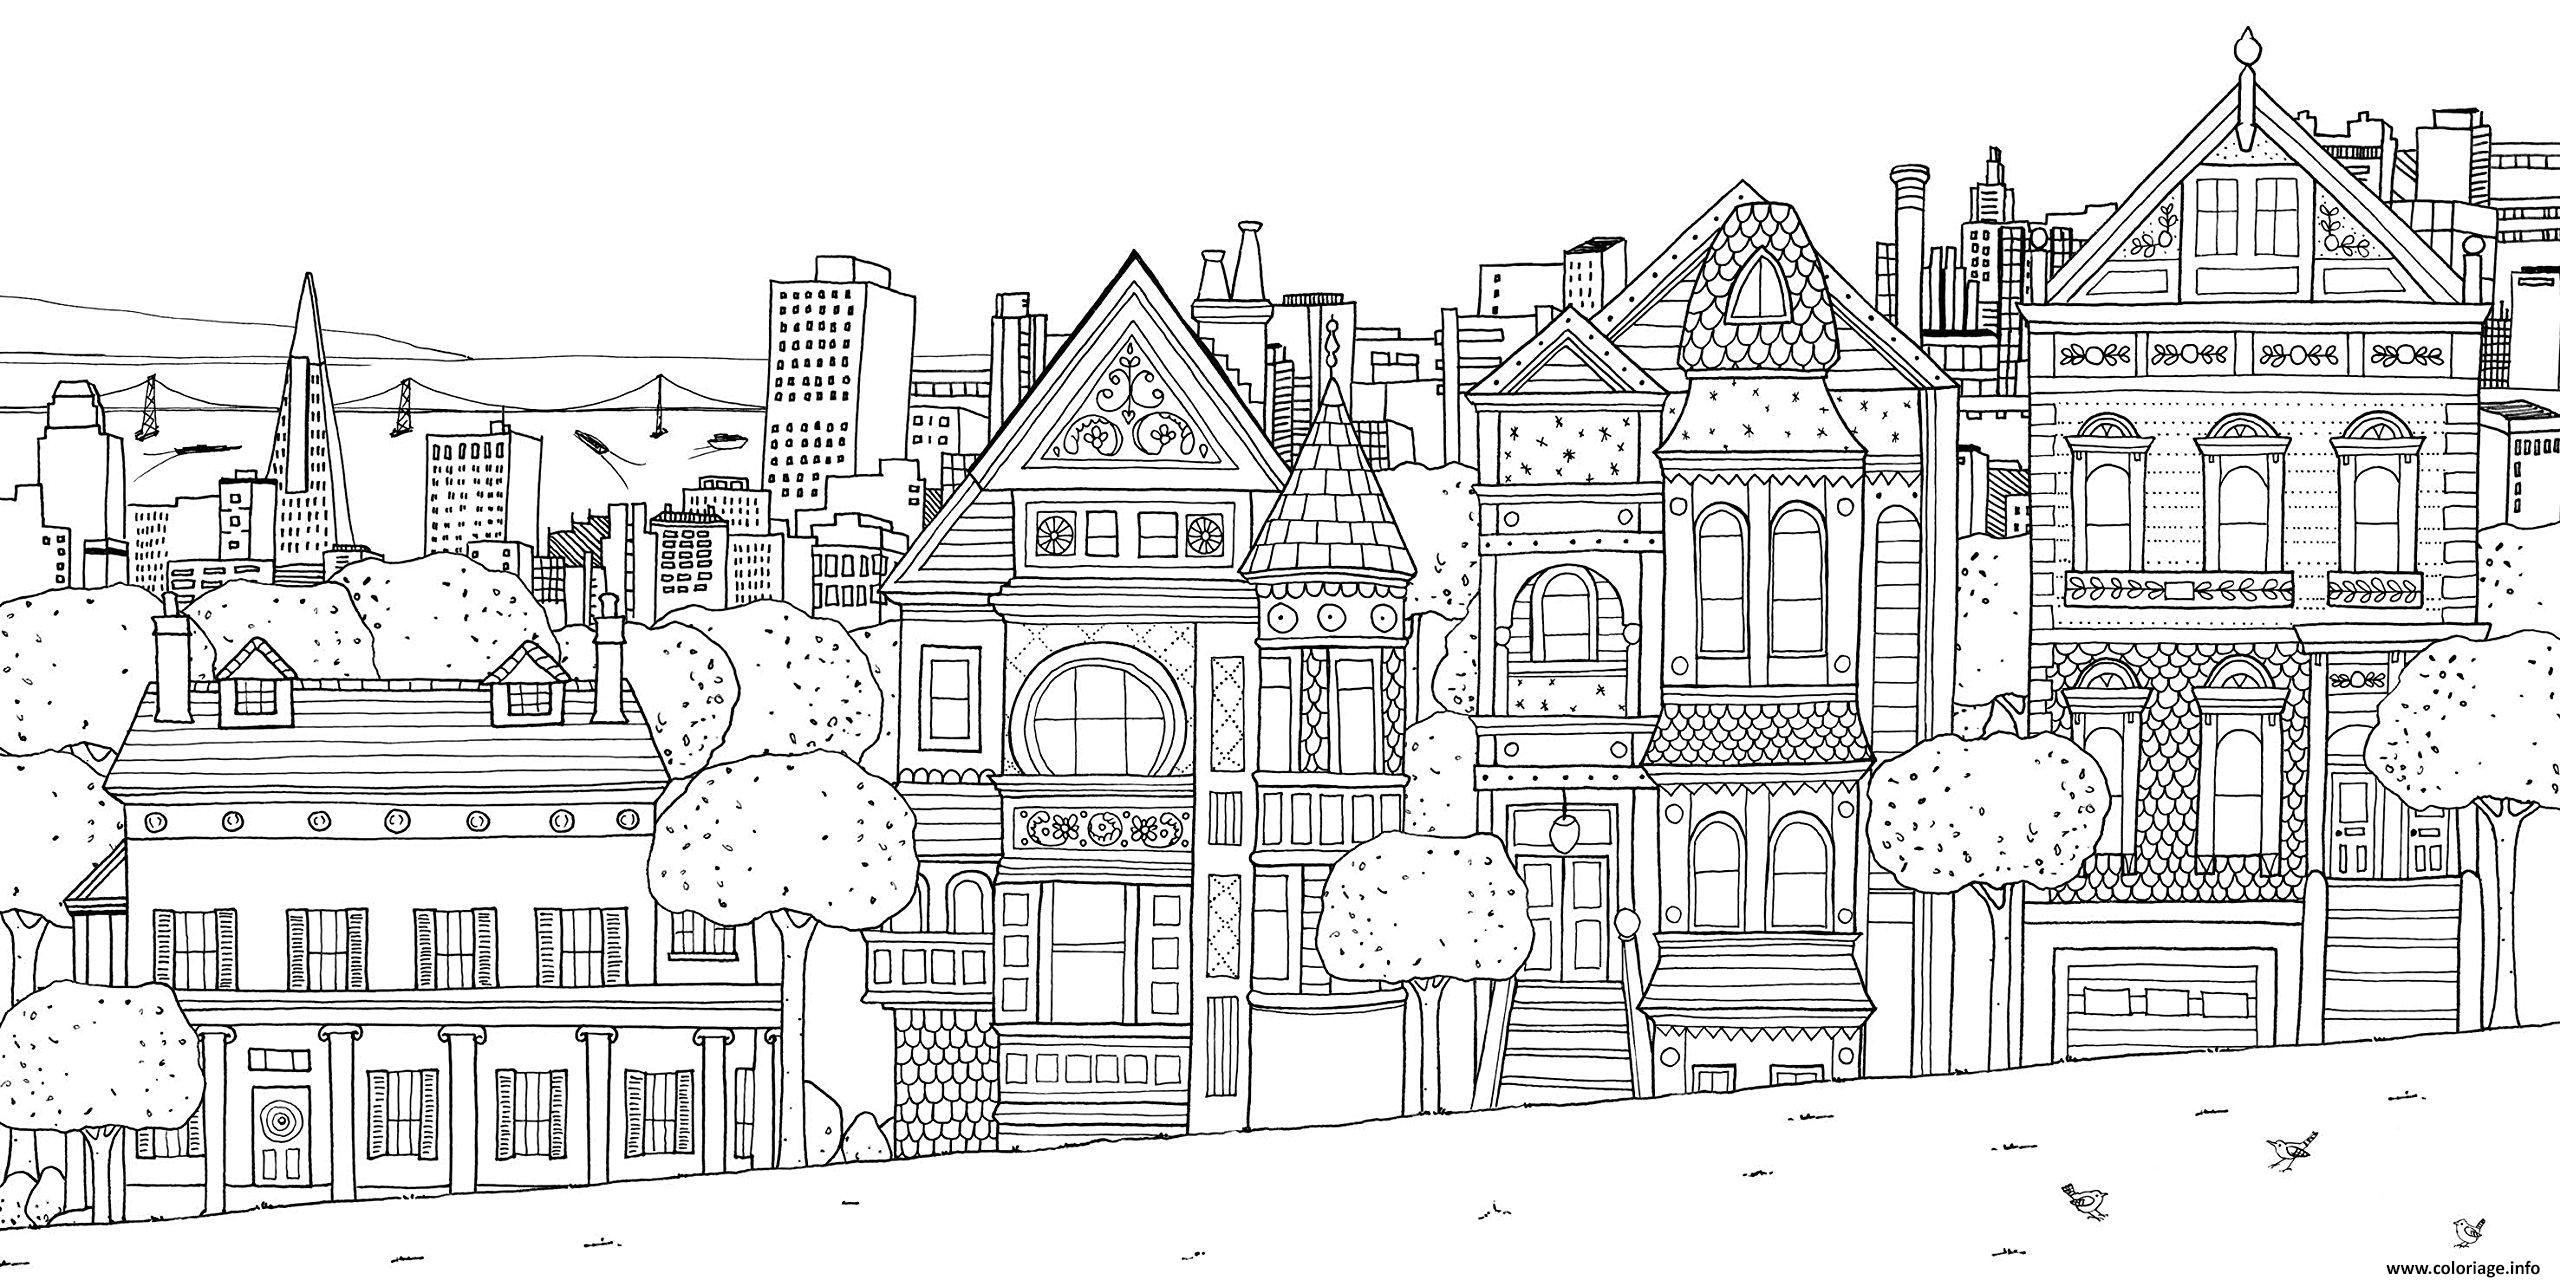 Coloriage Xxl Maison Appartements Ville Dessin A Imprimer